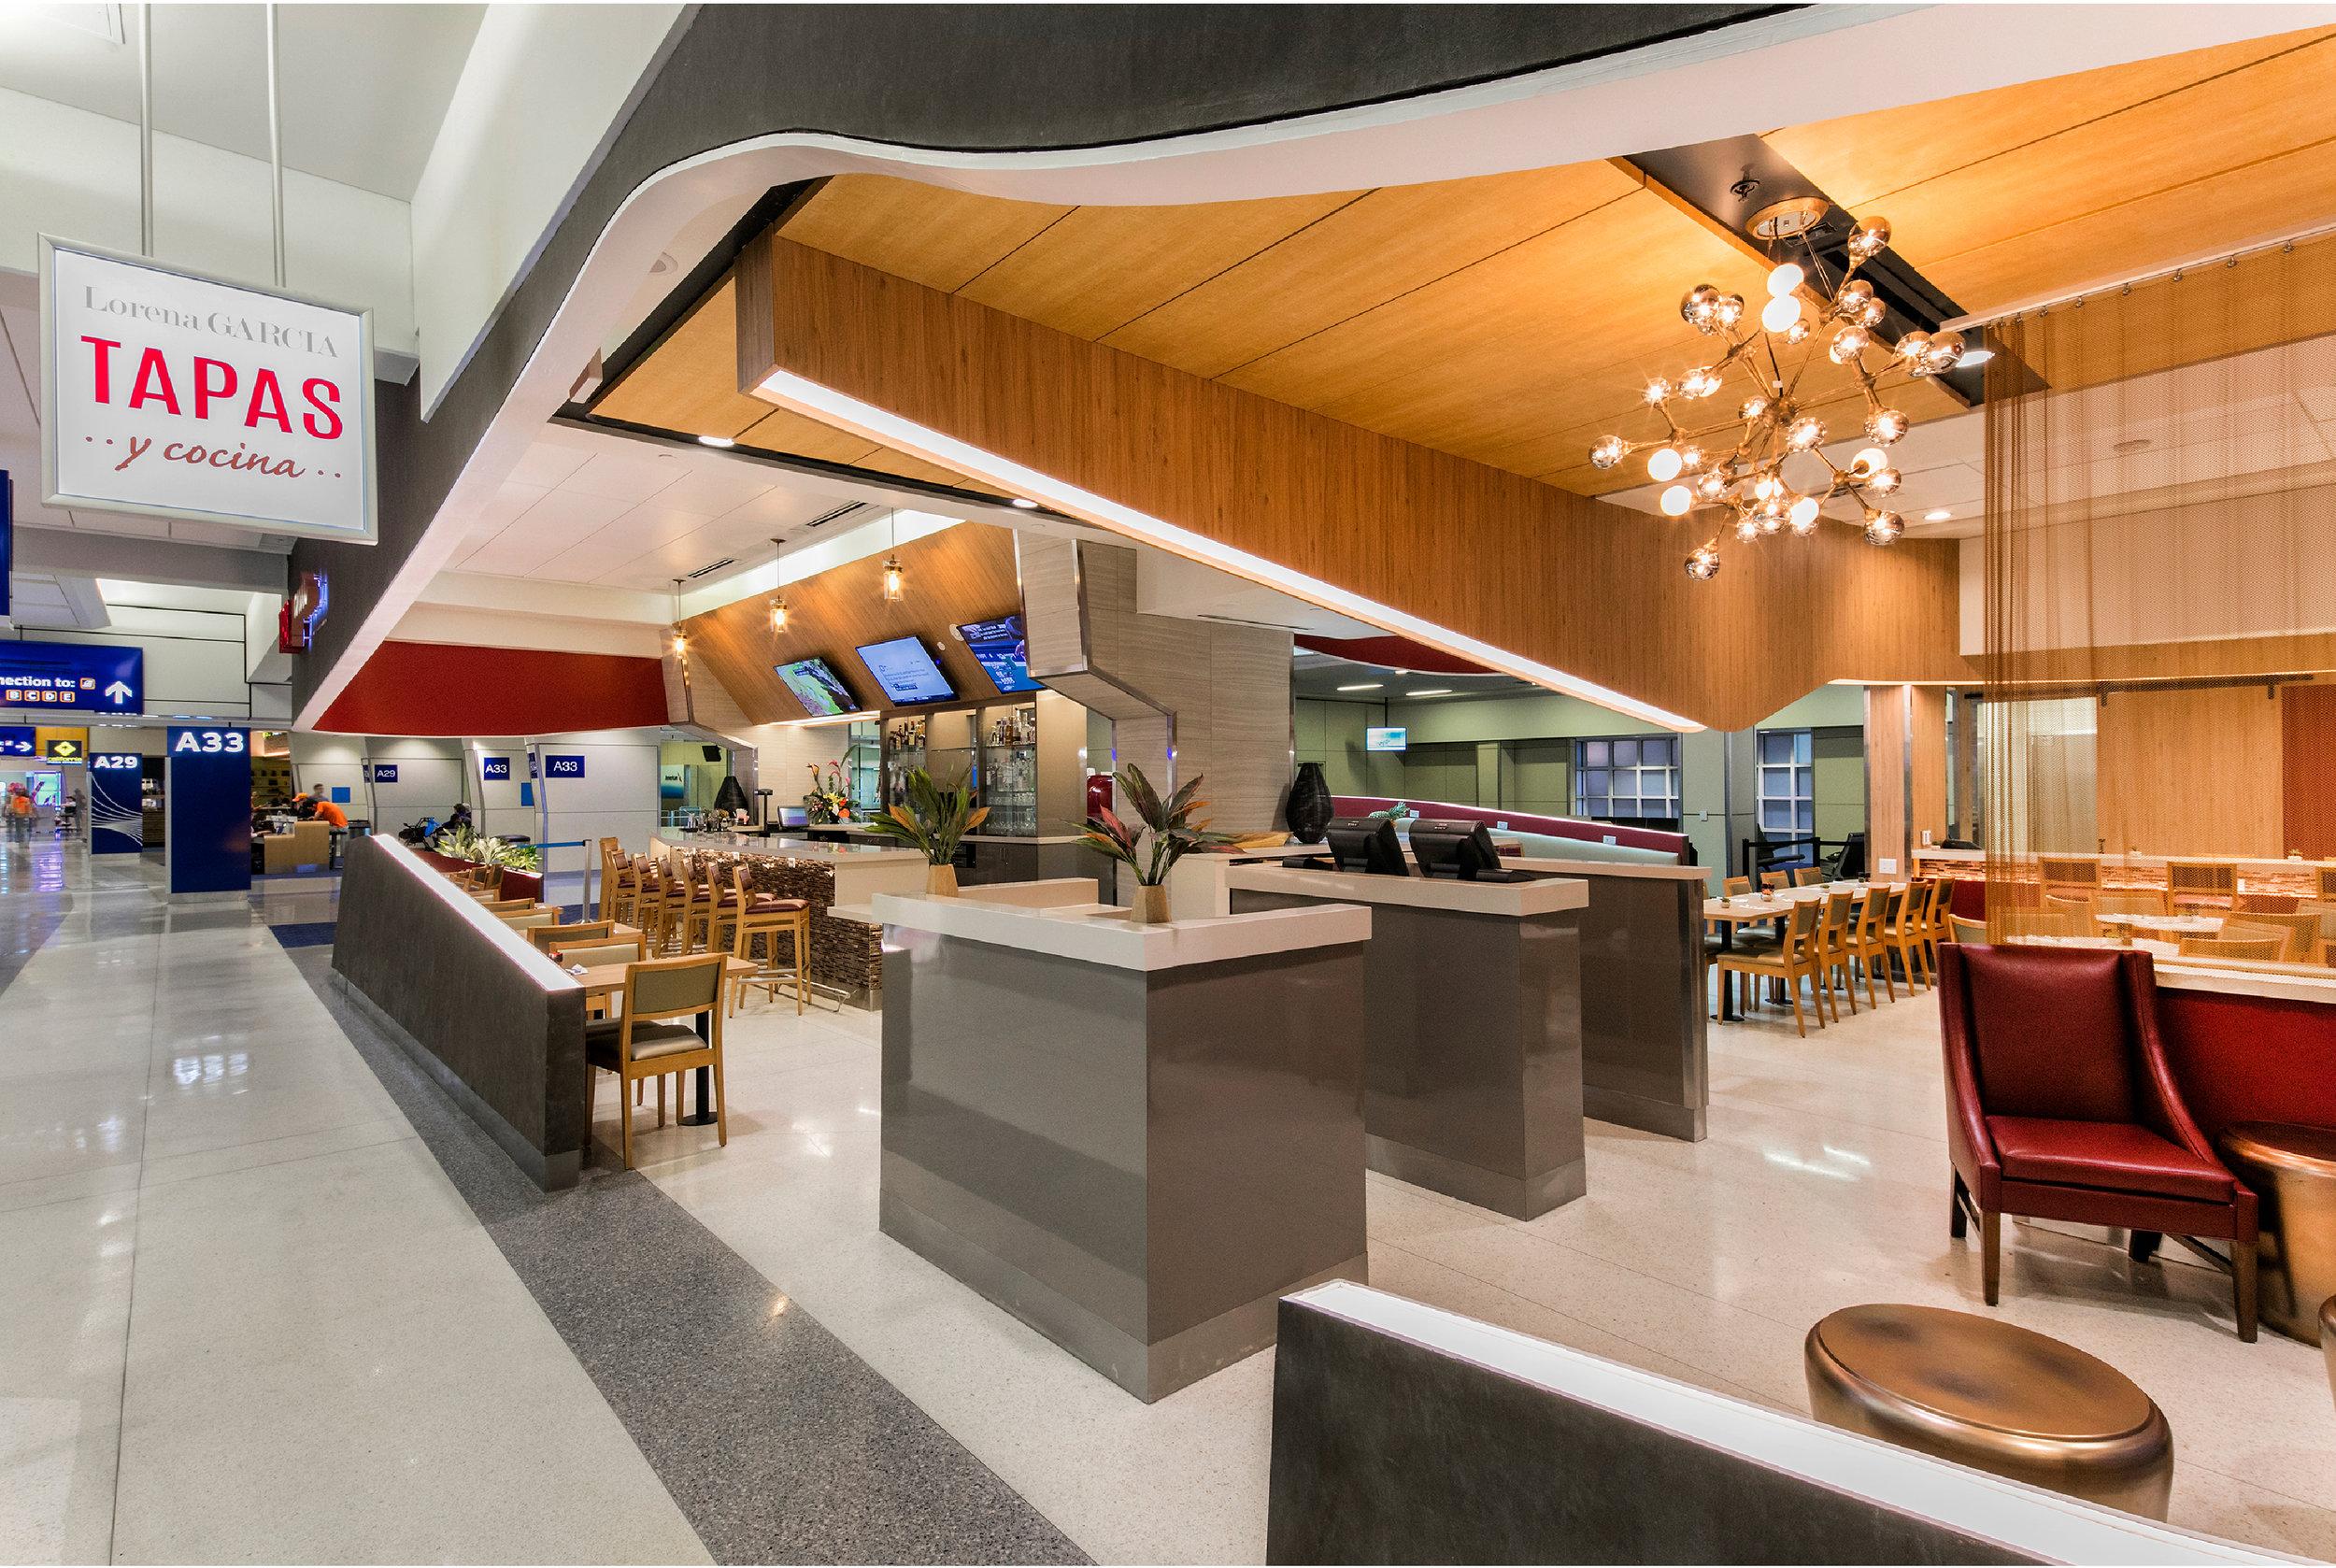 Lorena Garcia Tapas y Cocina    DFW Airport Gate A33.     MENU